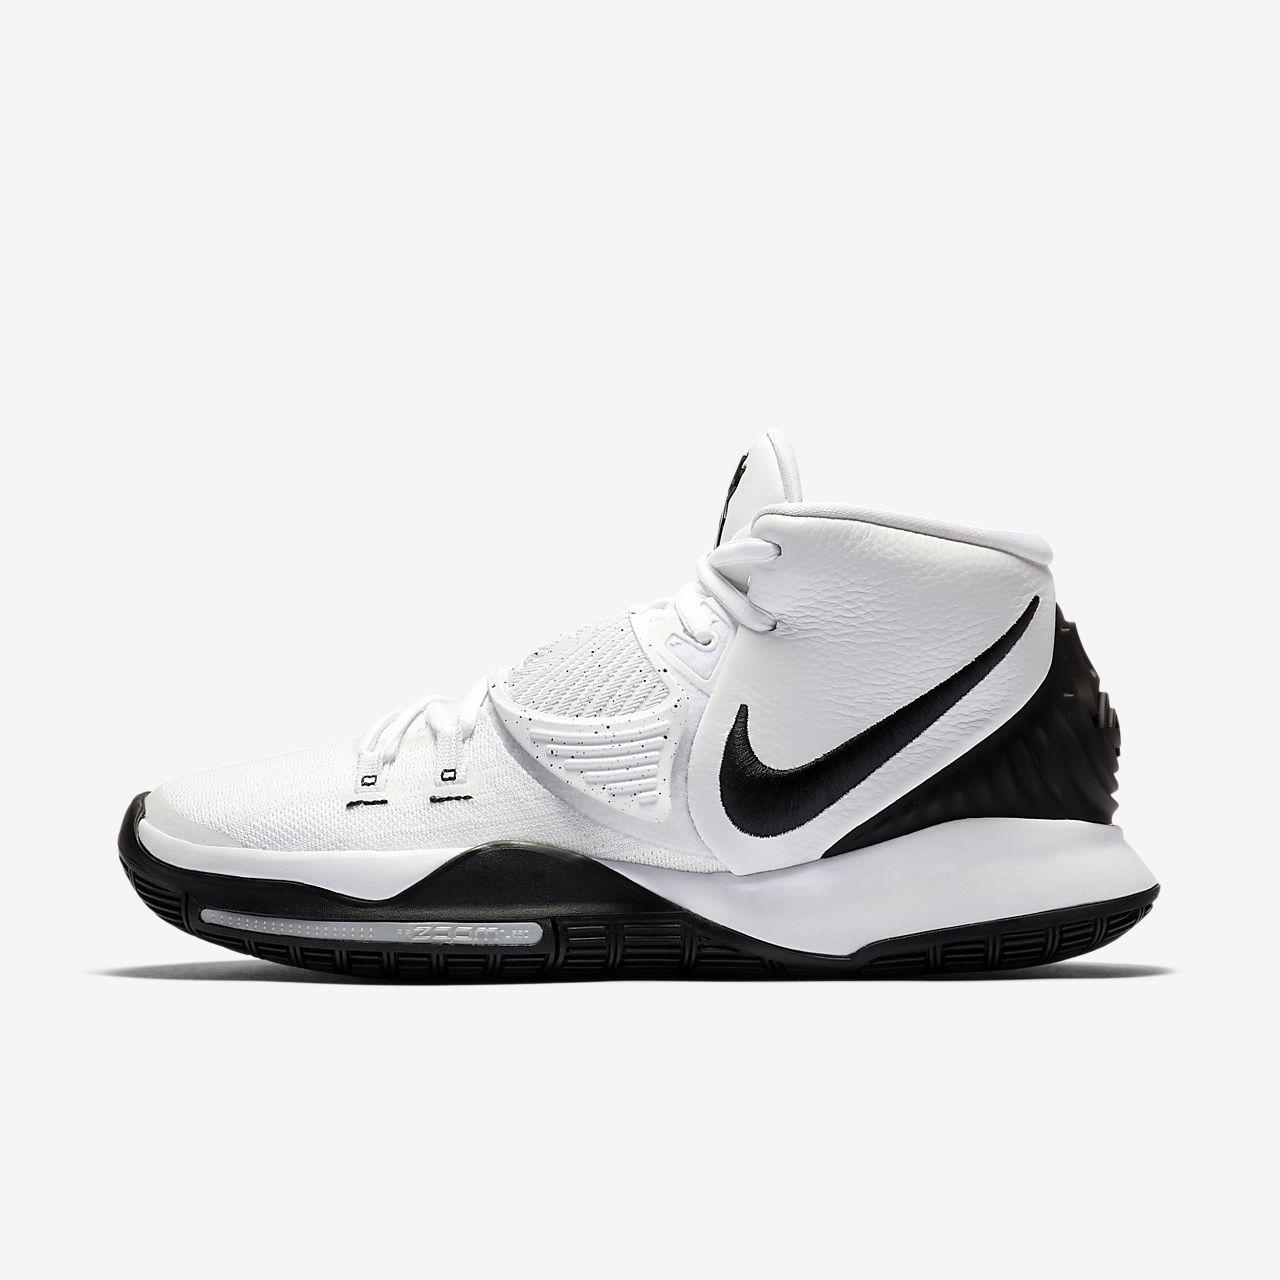 Kyrie 6 Basketball Shoe